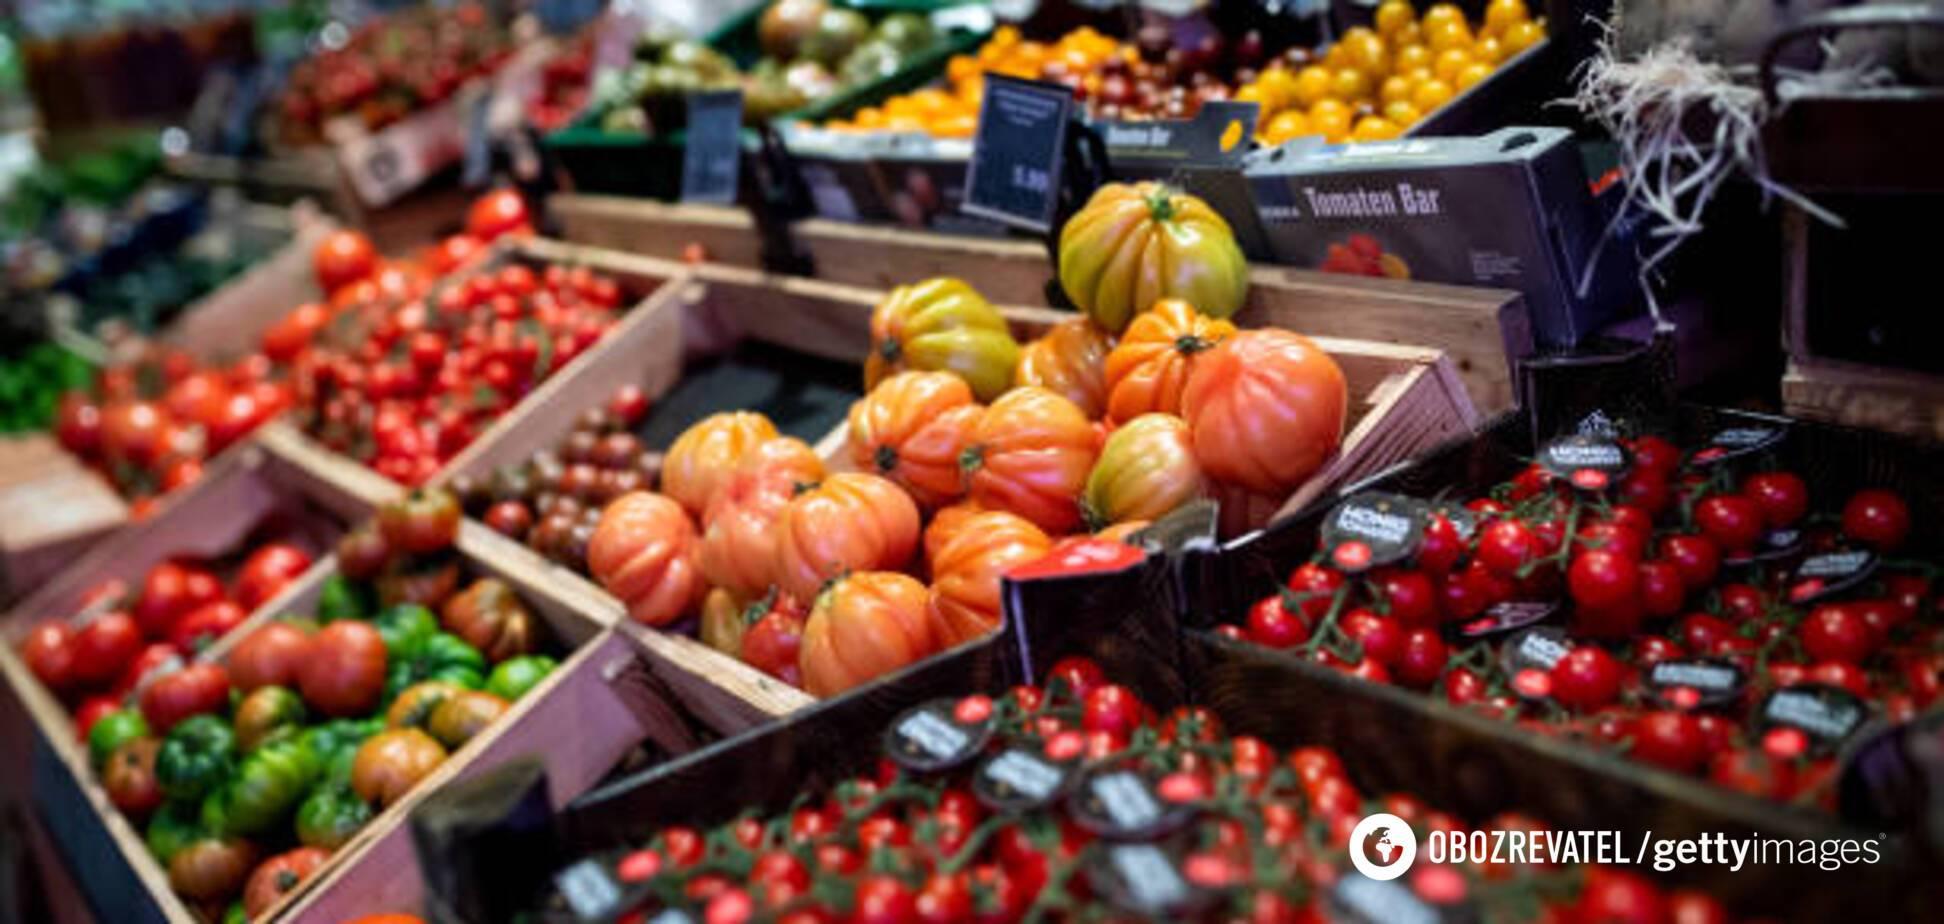 Рідні чи привізні: які фрукти та овочі купувати